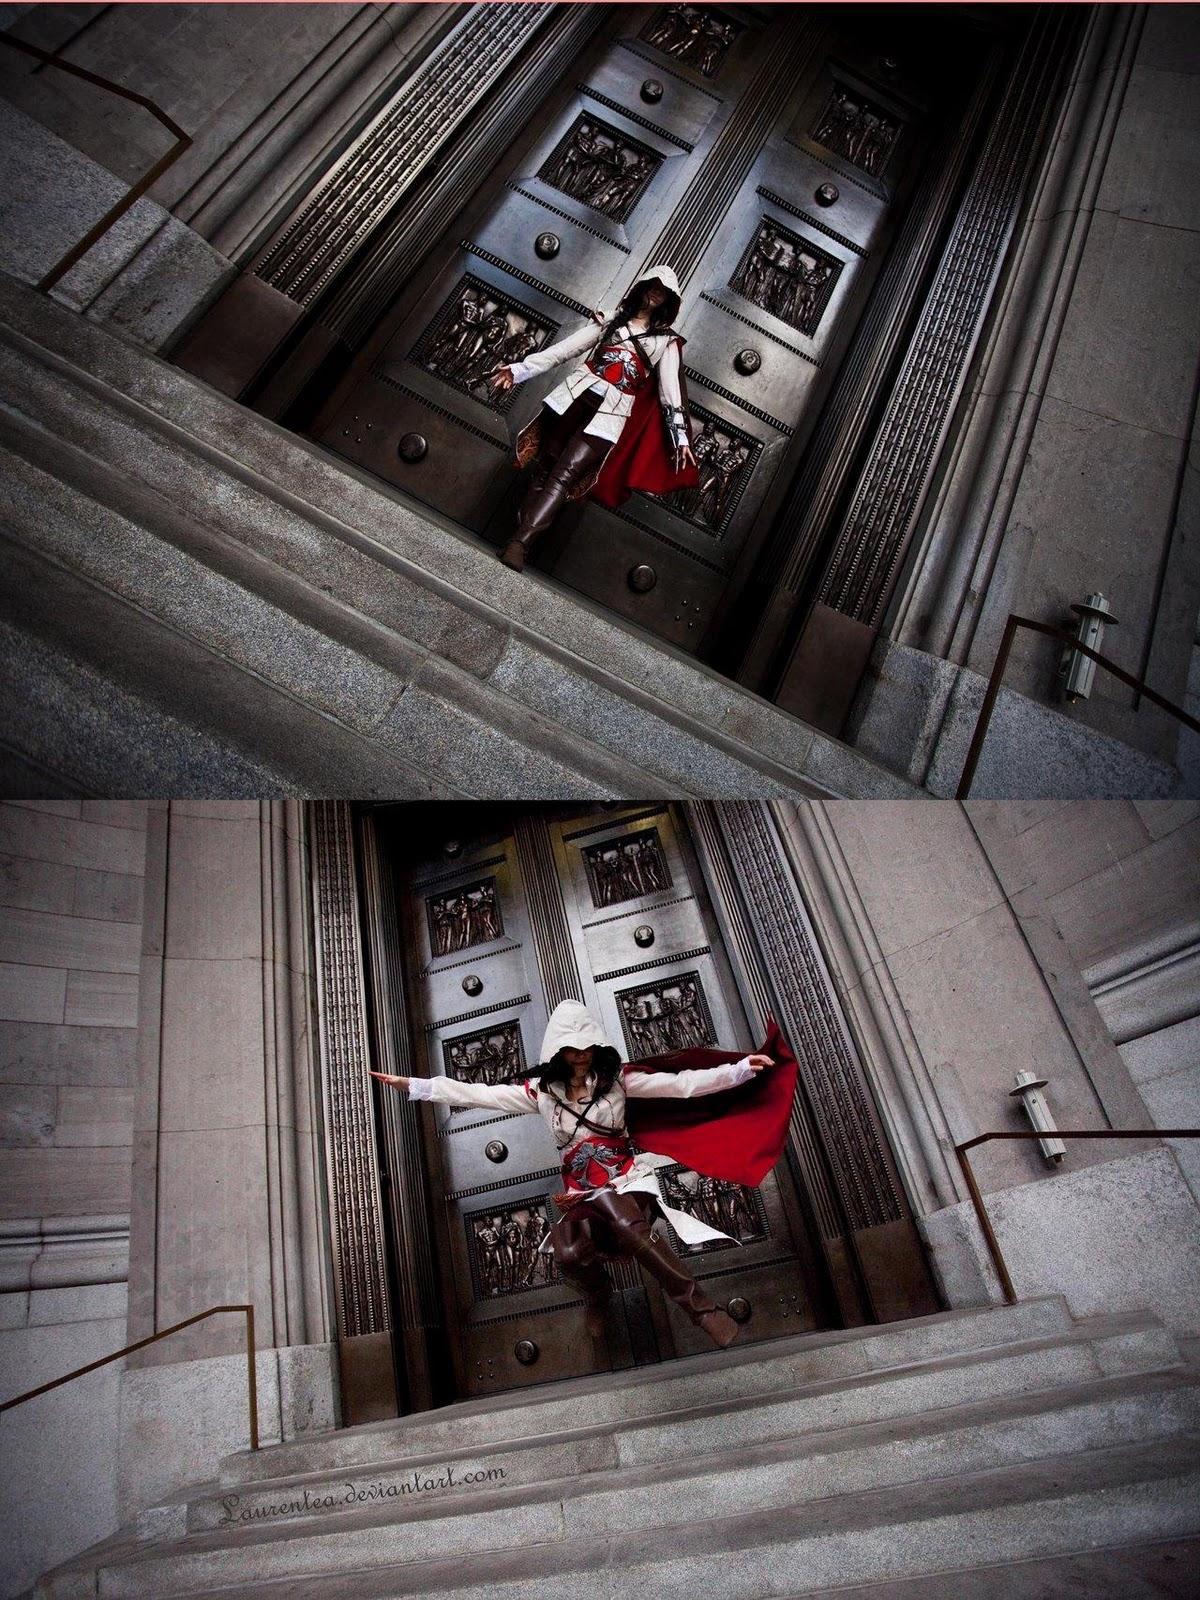 http://4.bp.blogspot.com/-eIl_fucxYqw/TozNUmGKCqI/AAAAAAAABSc/Fnp0Zl1E-pw/s1600/Tower+jumping+lady+assassin.jpg